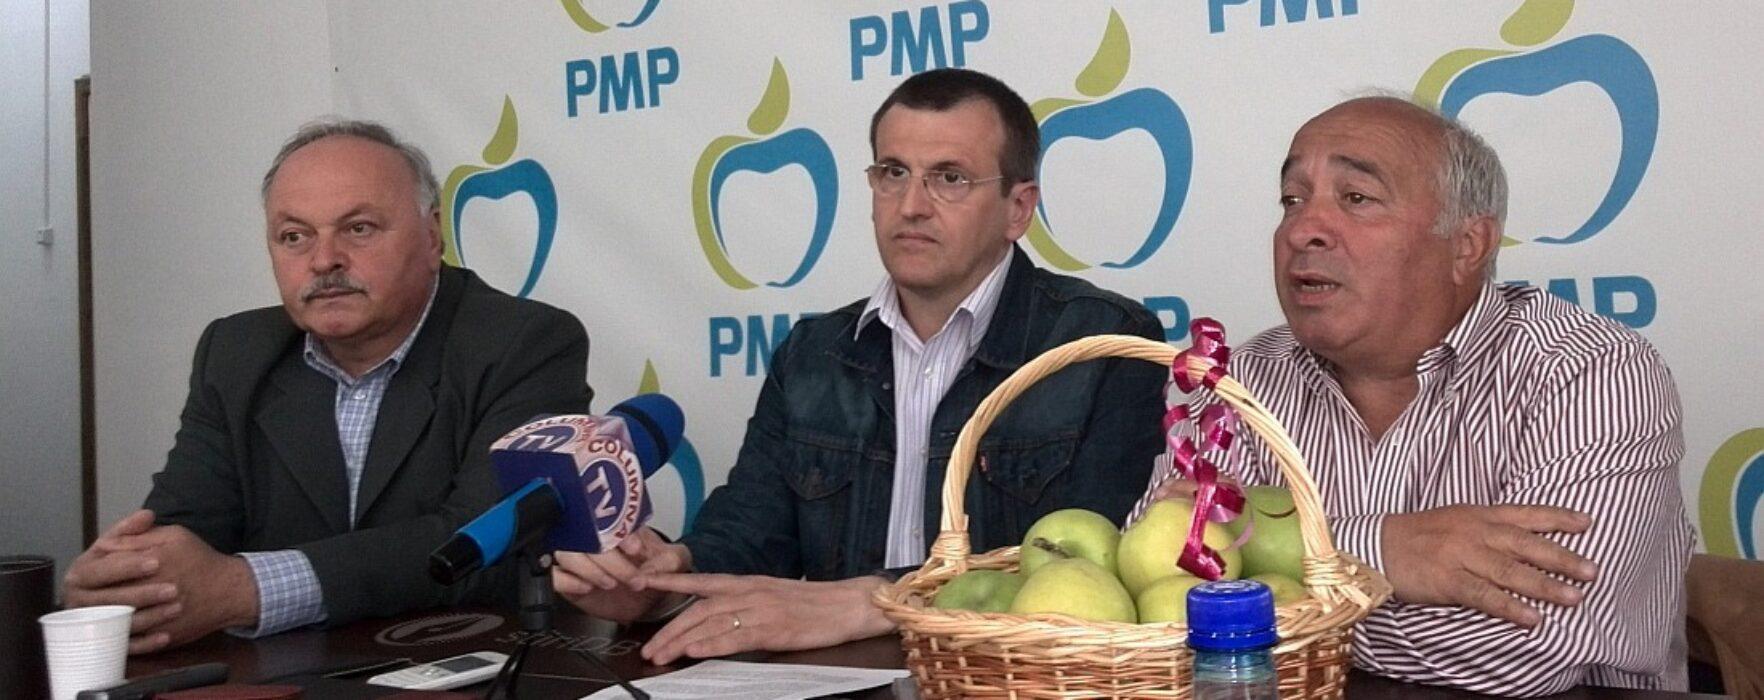 Cristian Preda (PMP) în campanie electorală la Târgovişte